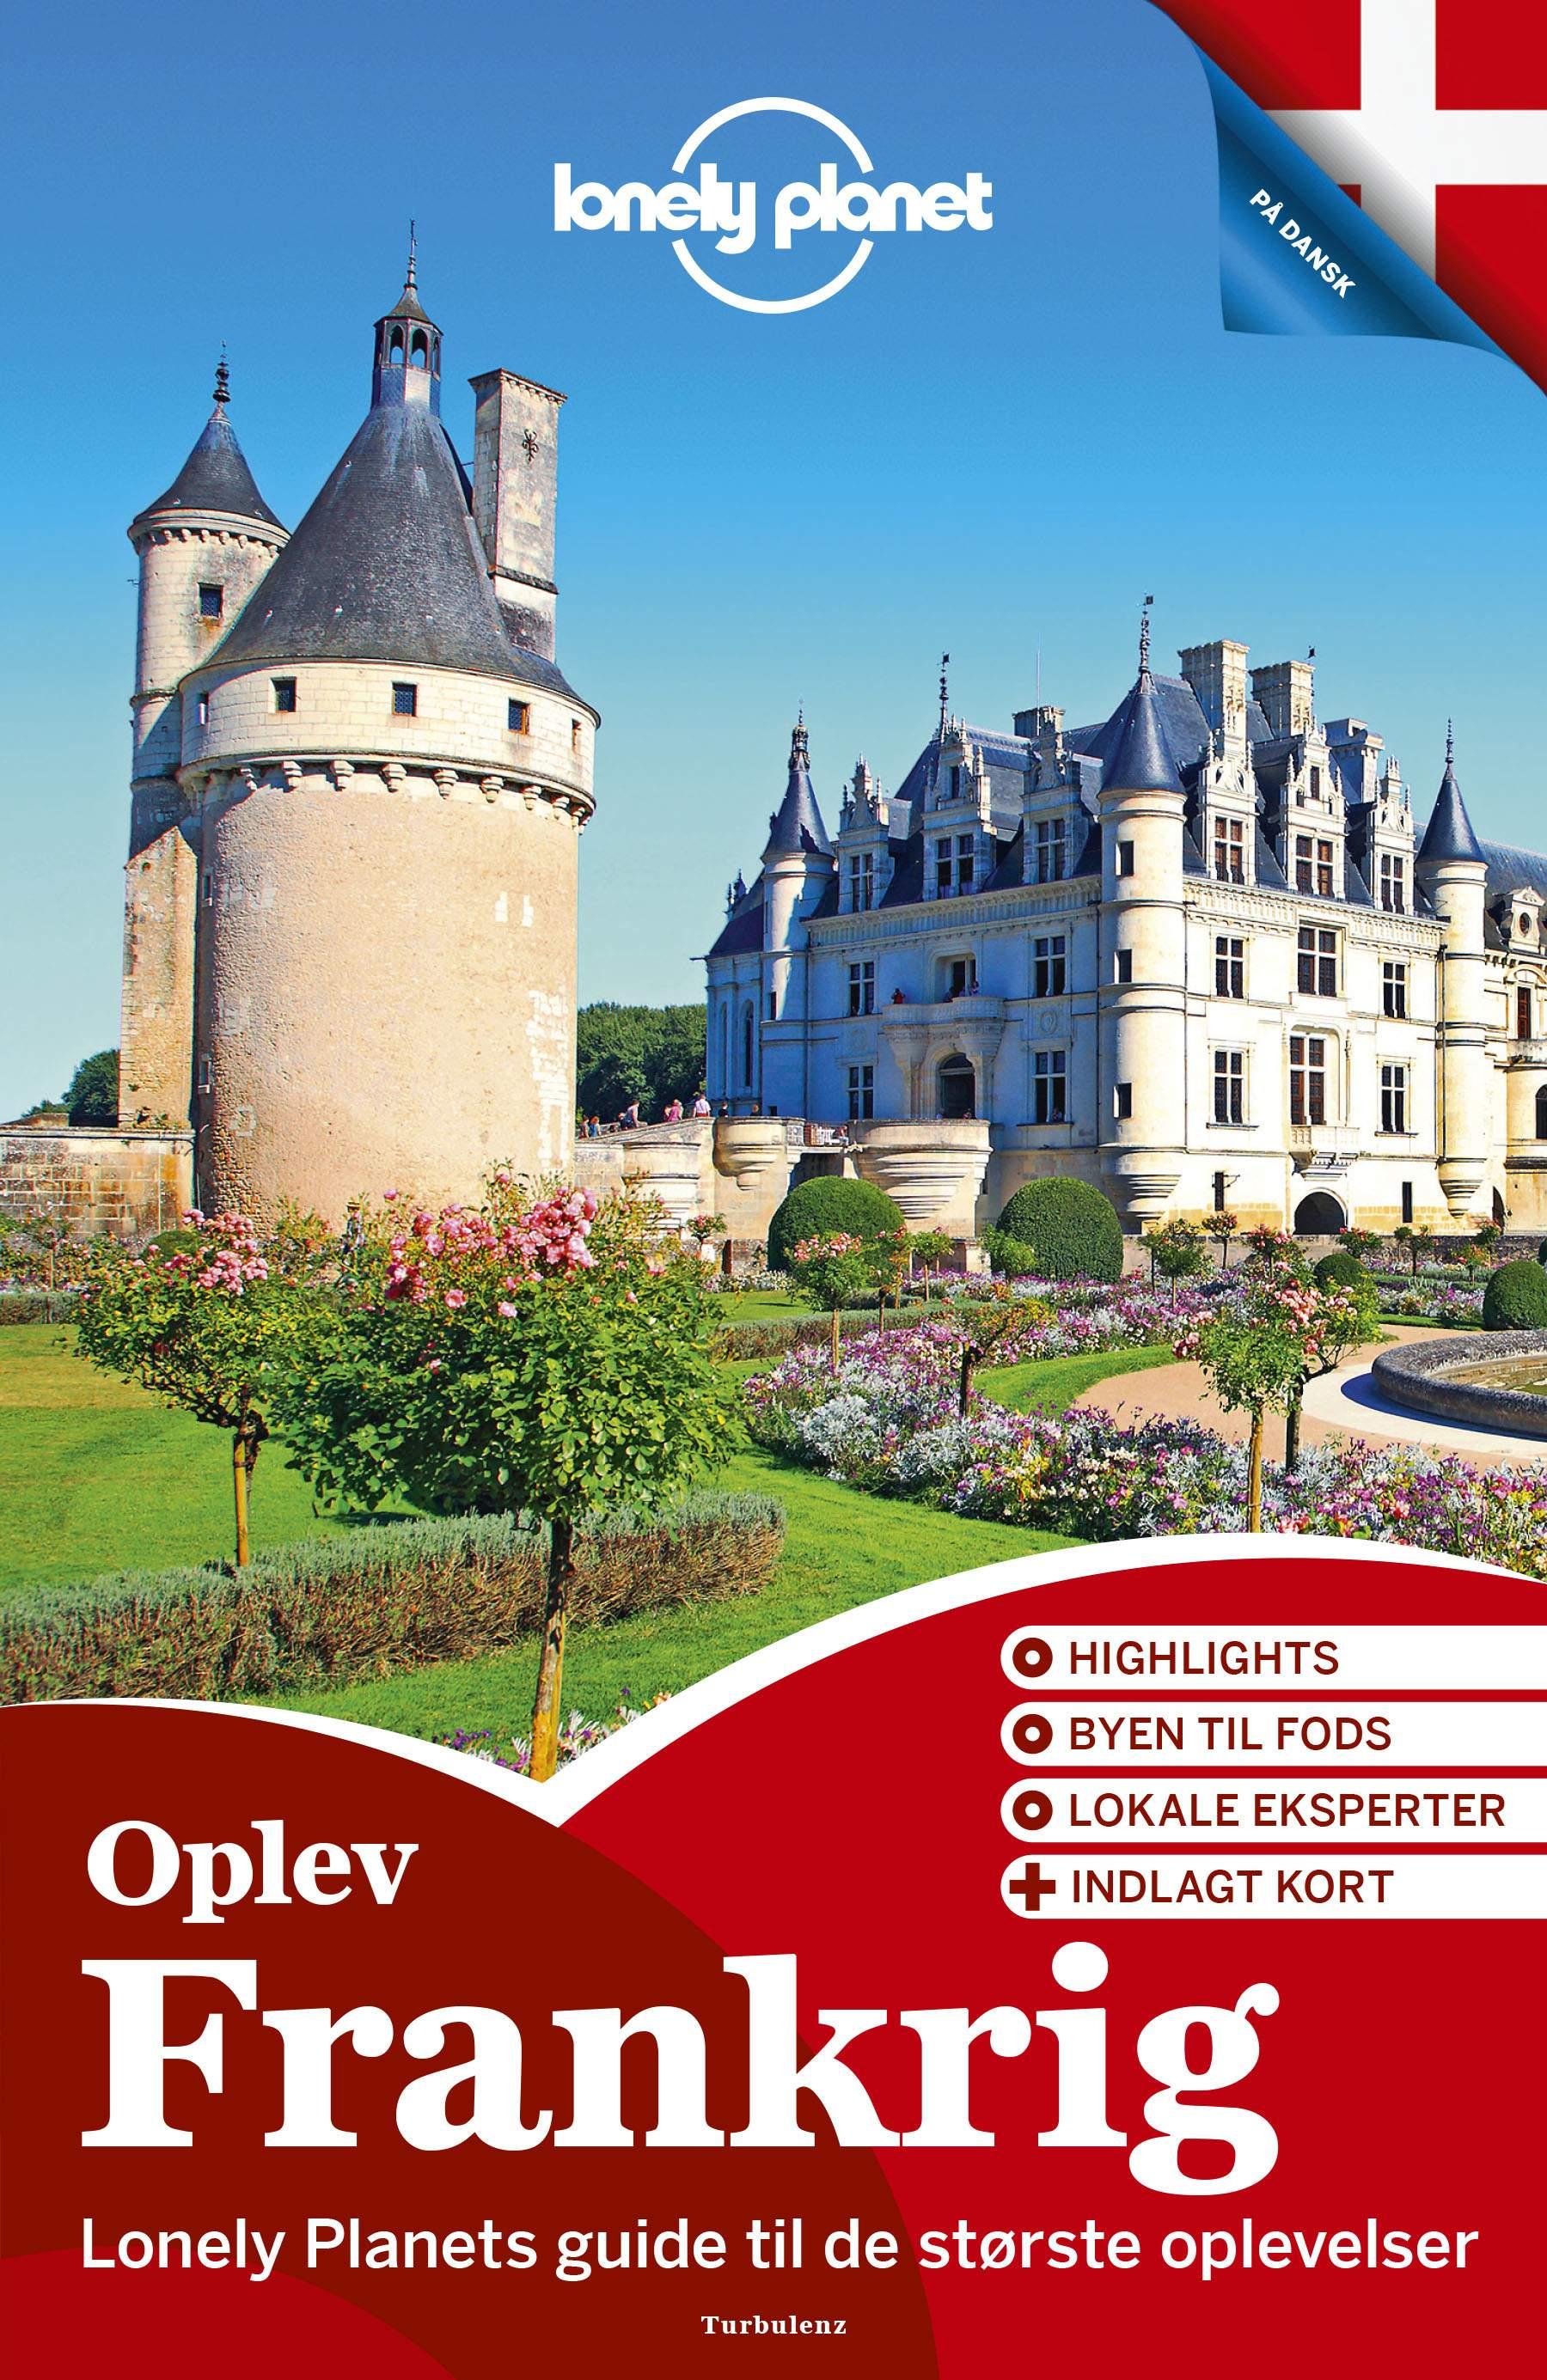 Oplev Frankrig (Lonely Planet)